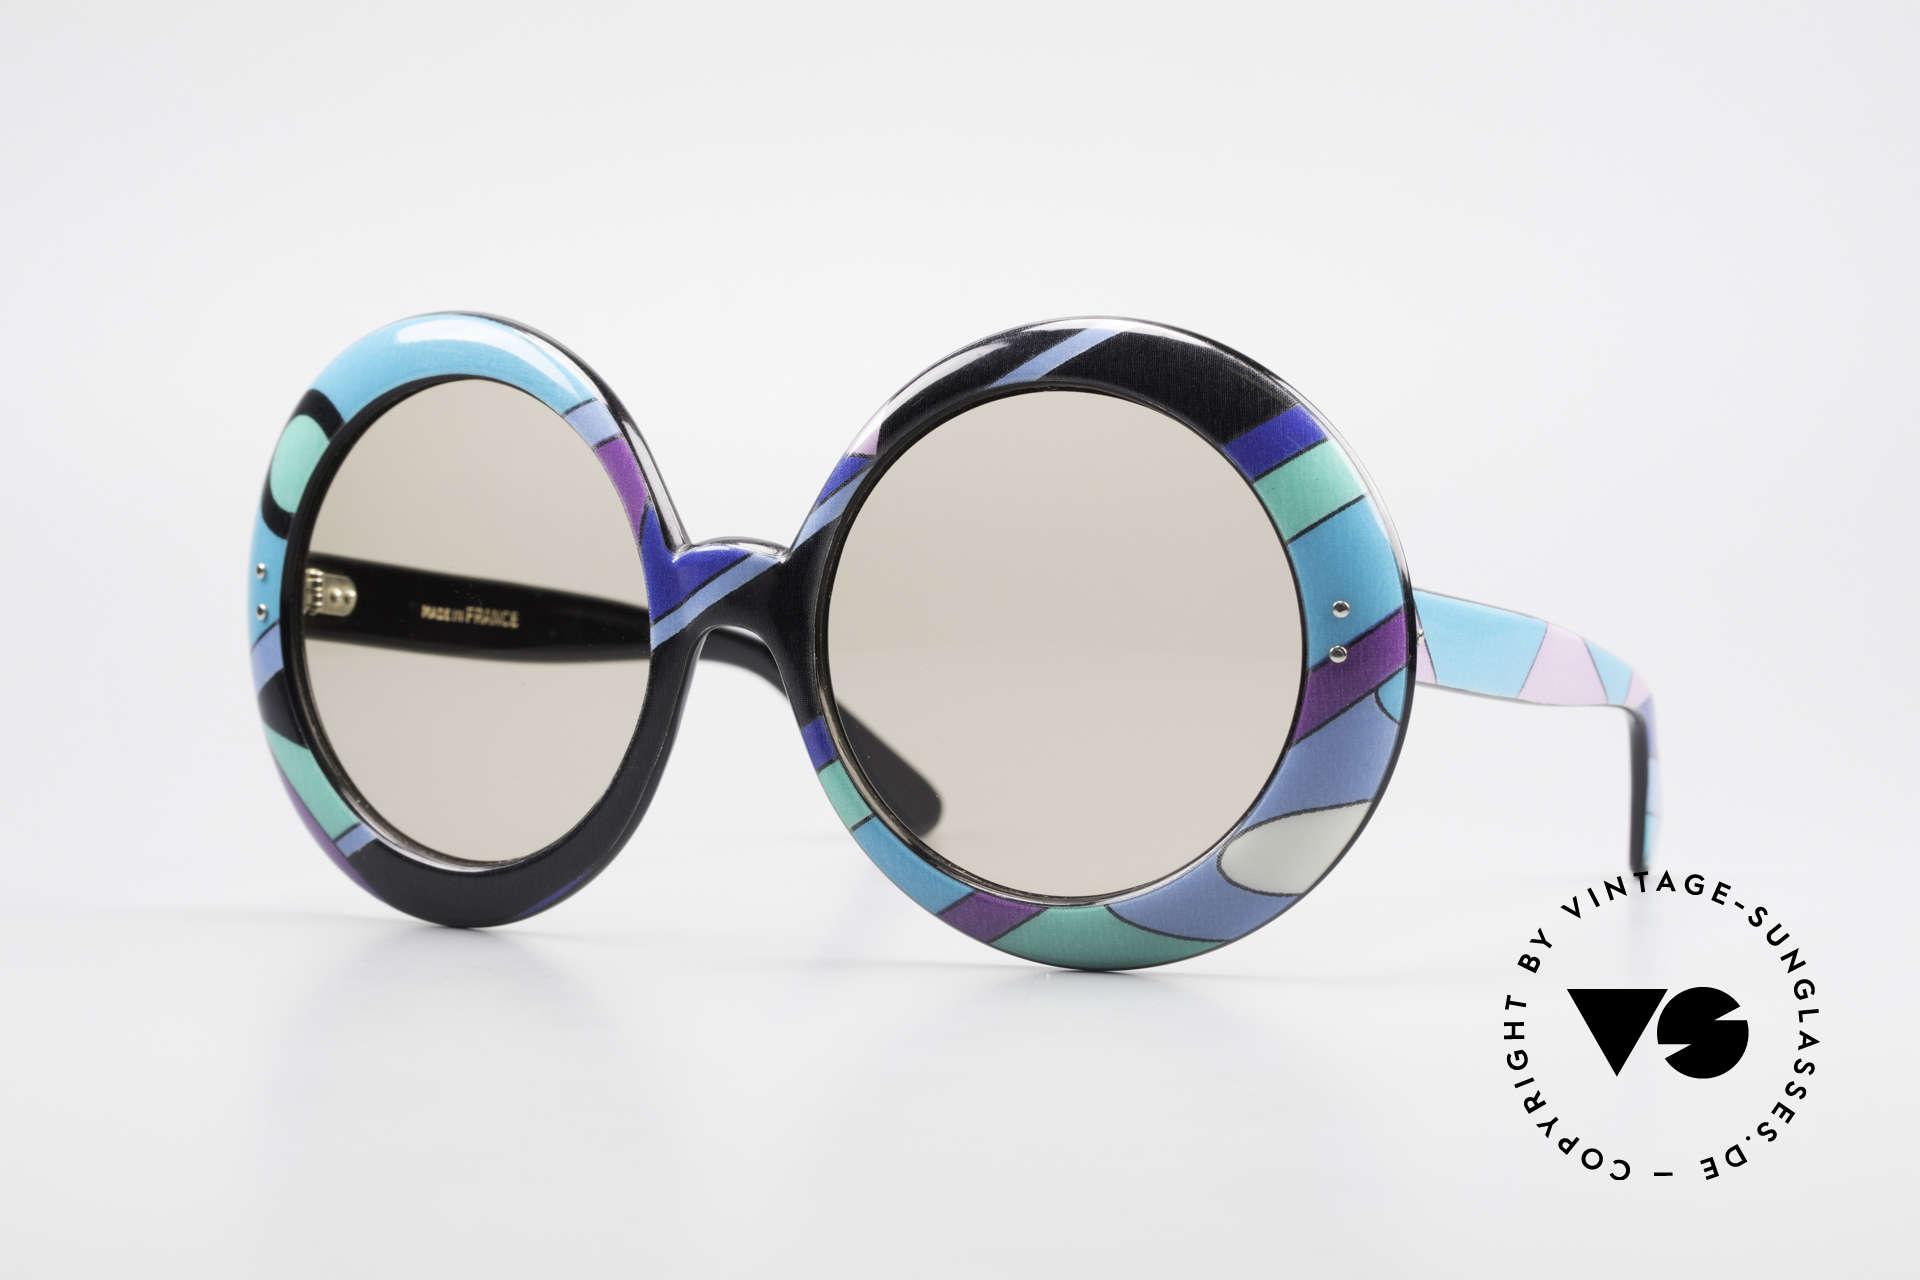 Emilio Pucci XXL Übergroße 60er Sonnenbrille, farbenfrohe 'luftige' vintage Pucci Designersonnenbrille, Passend für Damen